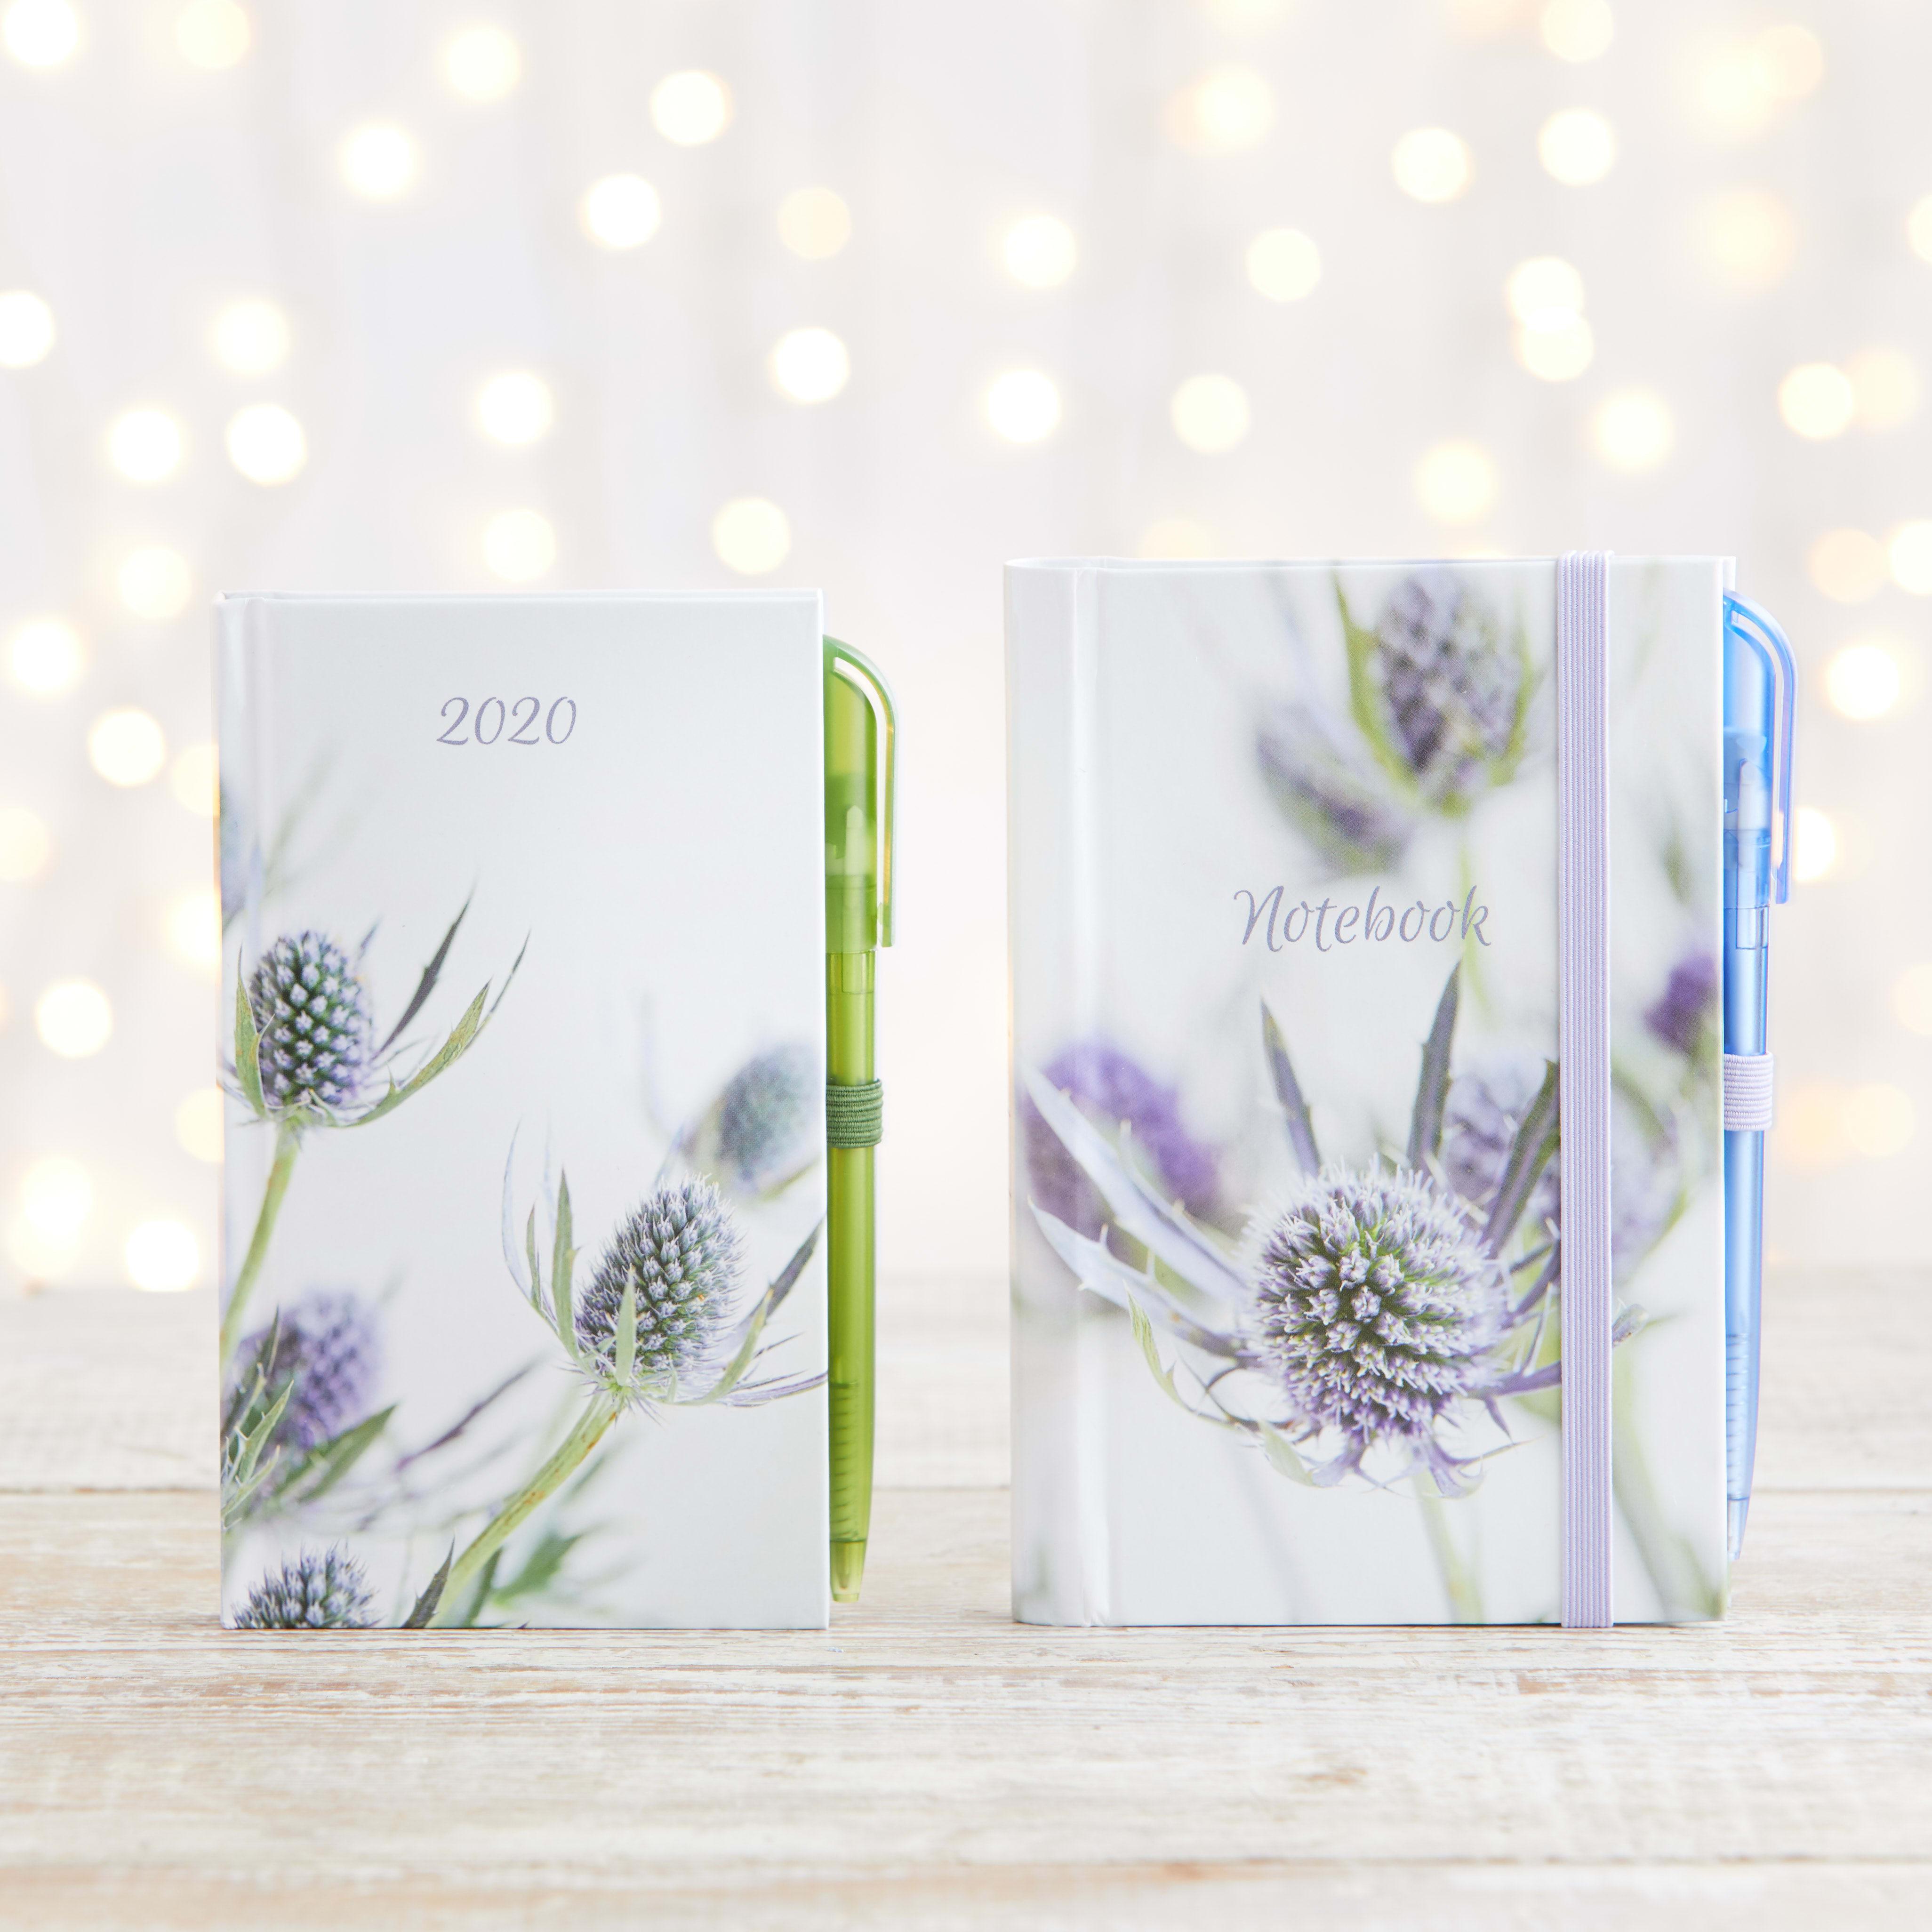 2019 Pocket Diary Set